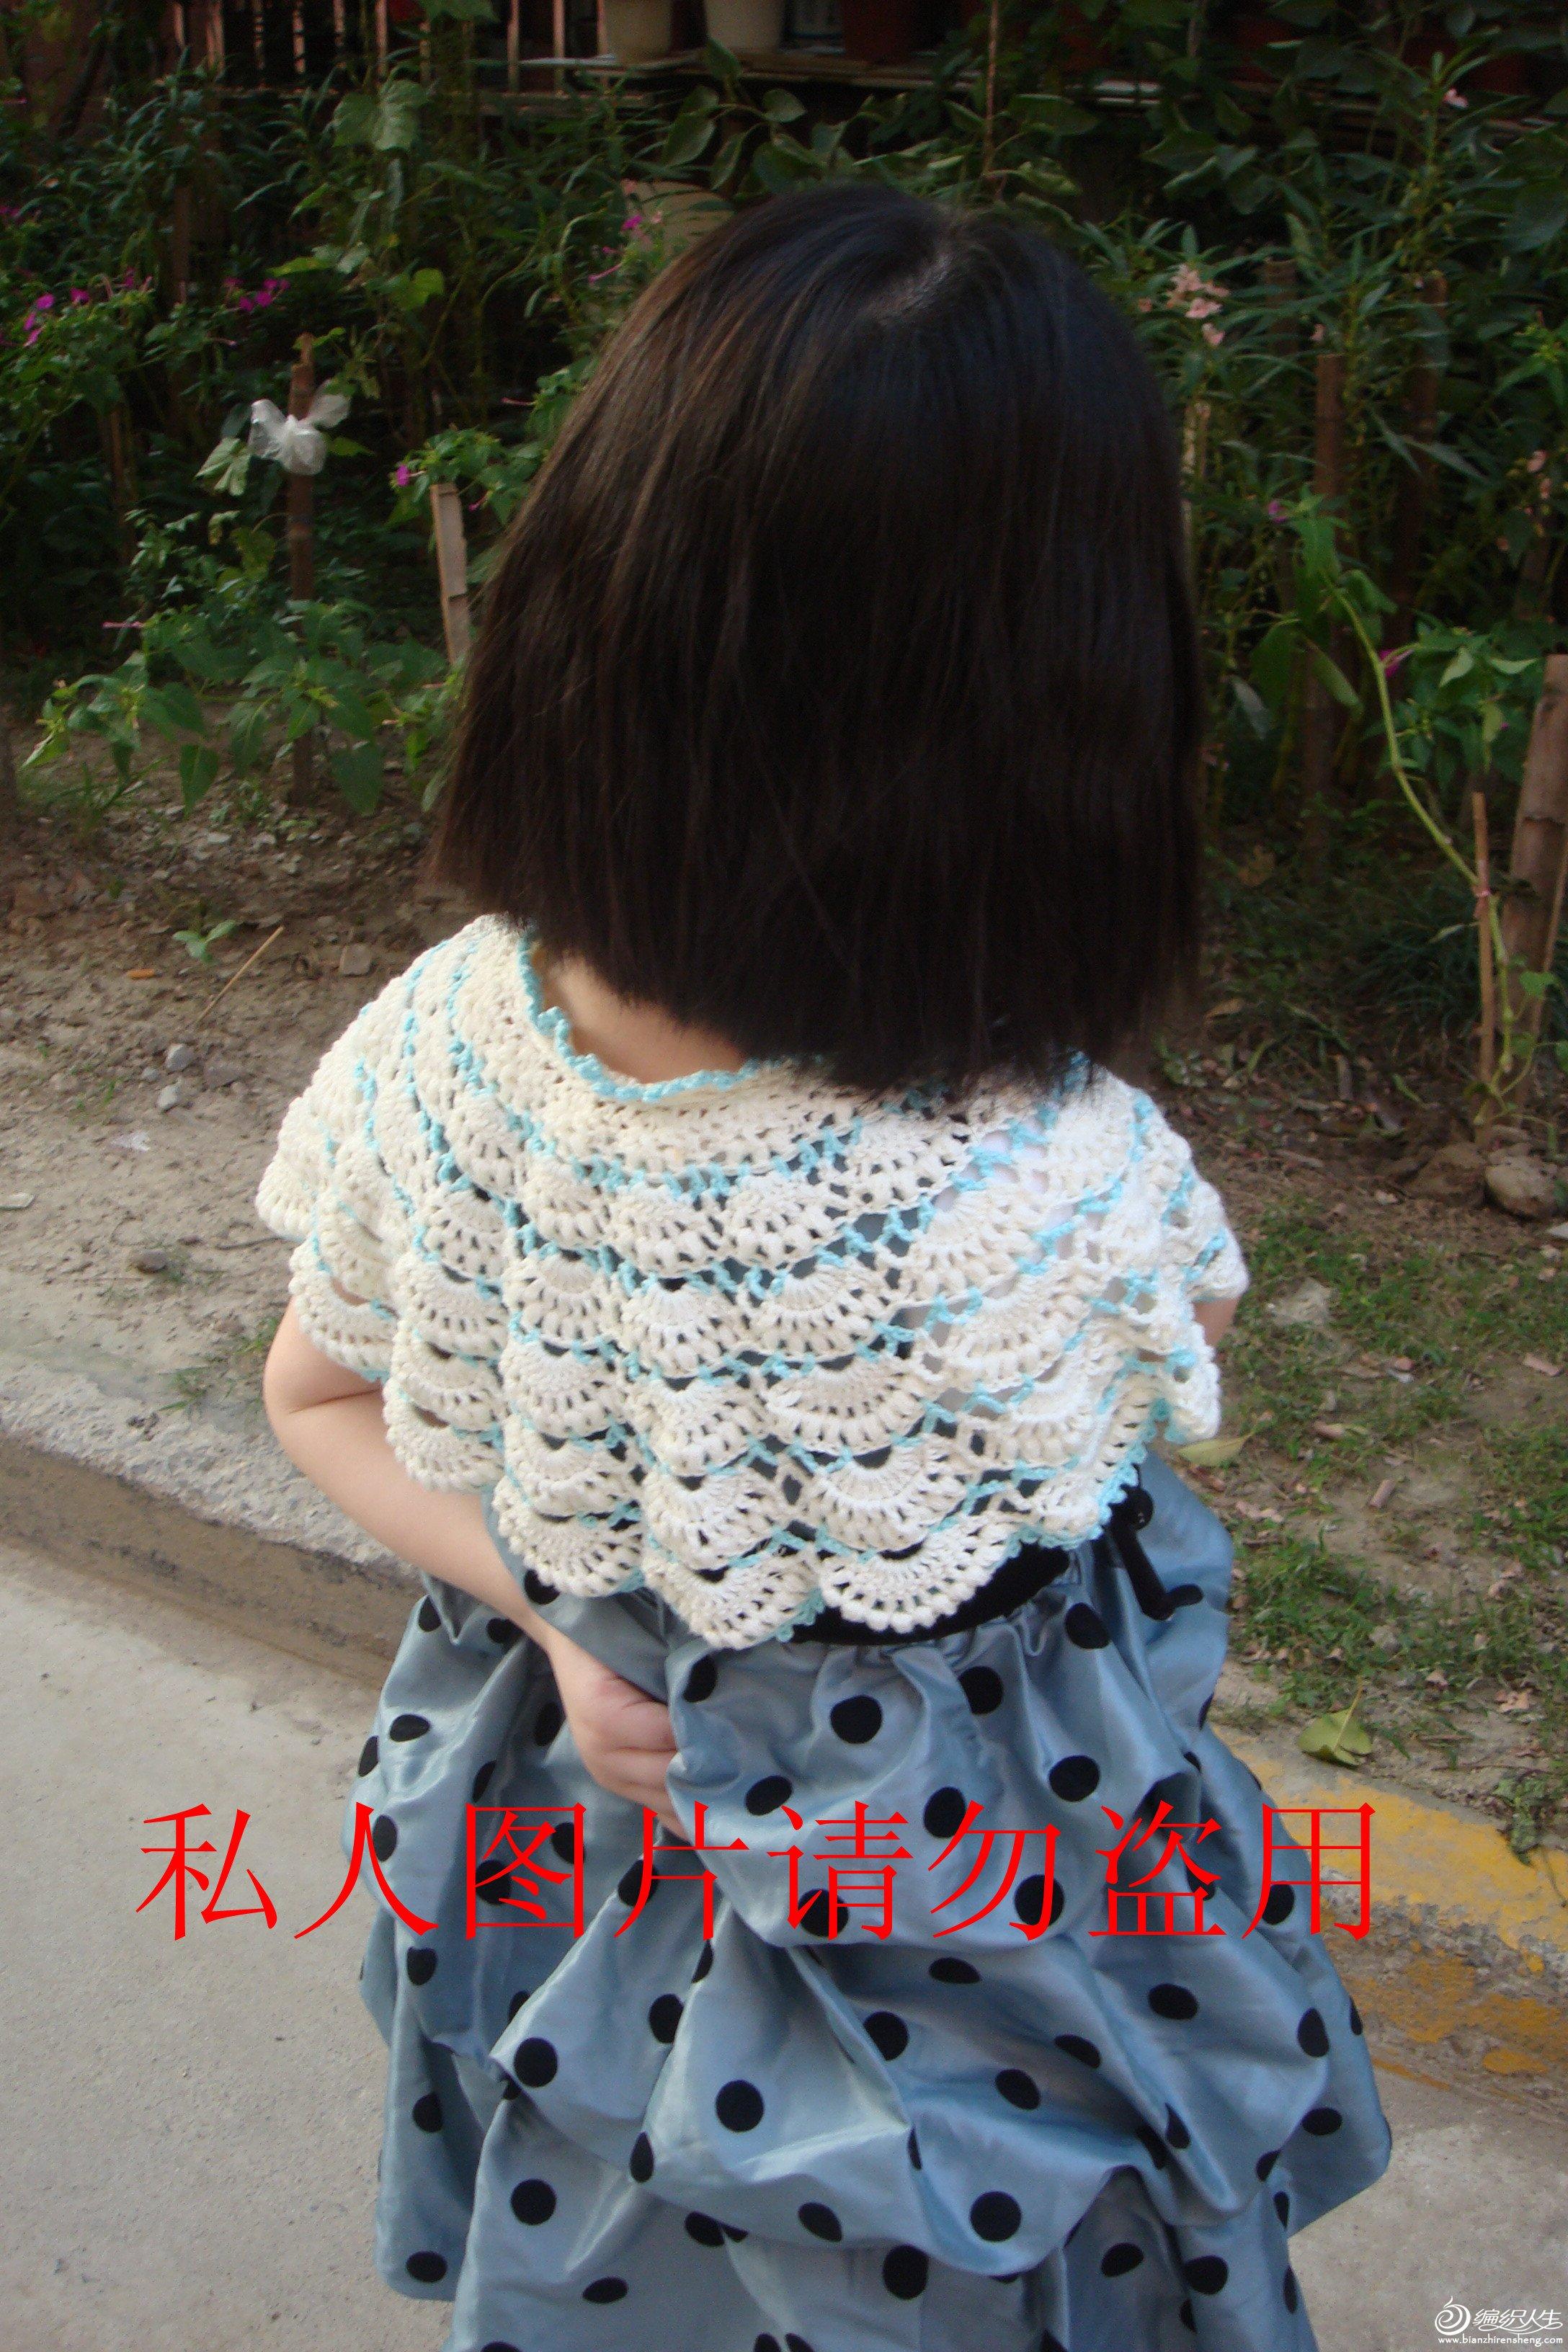 DSC06154_副本.jpg